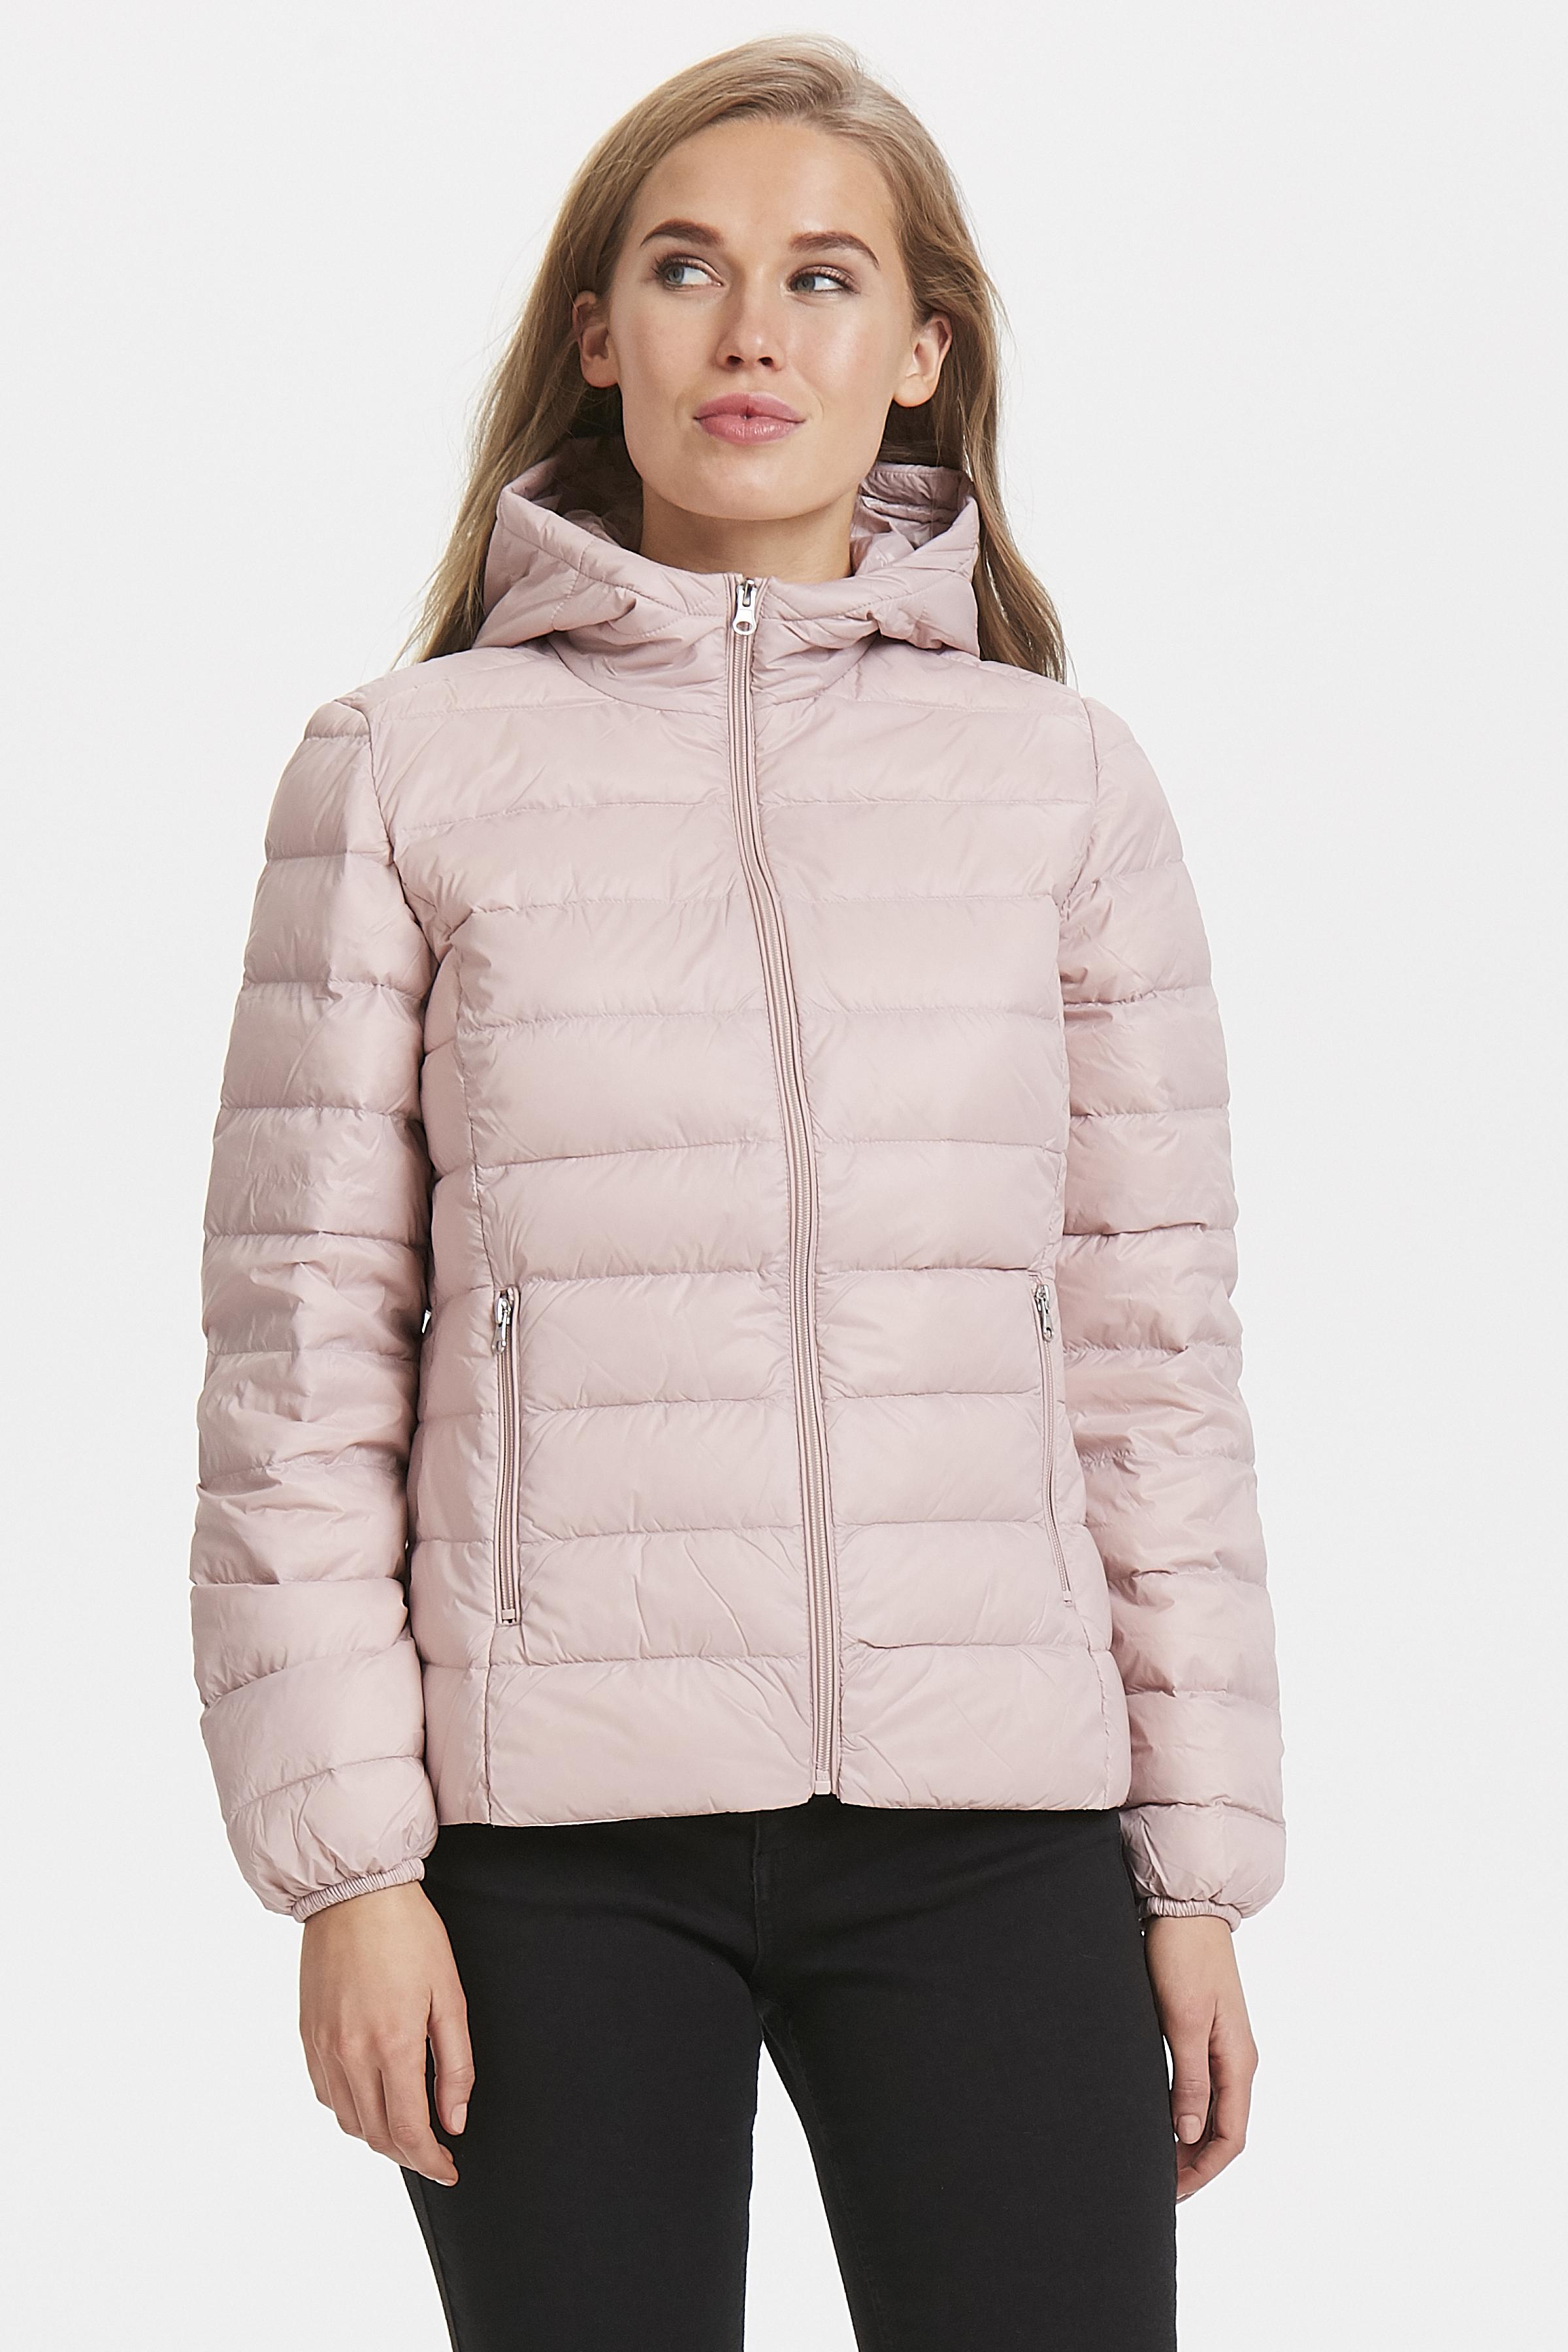 Rose Cloud Jas van b.young – Koop Rose Cloud Jas hier van size 34-44